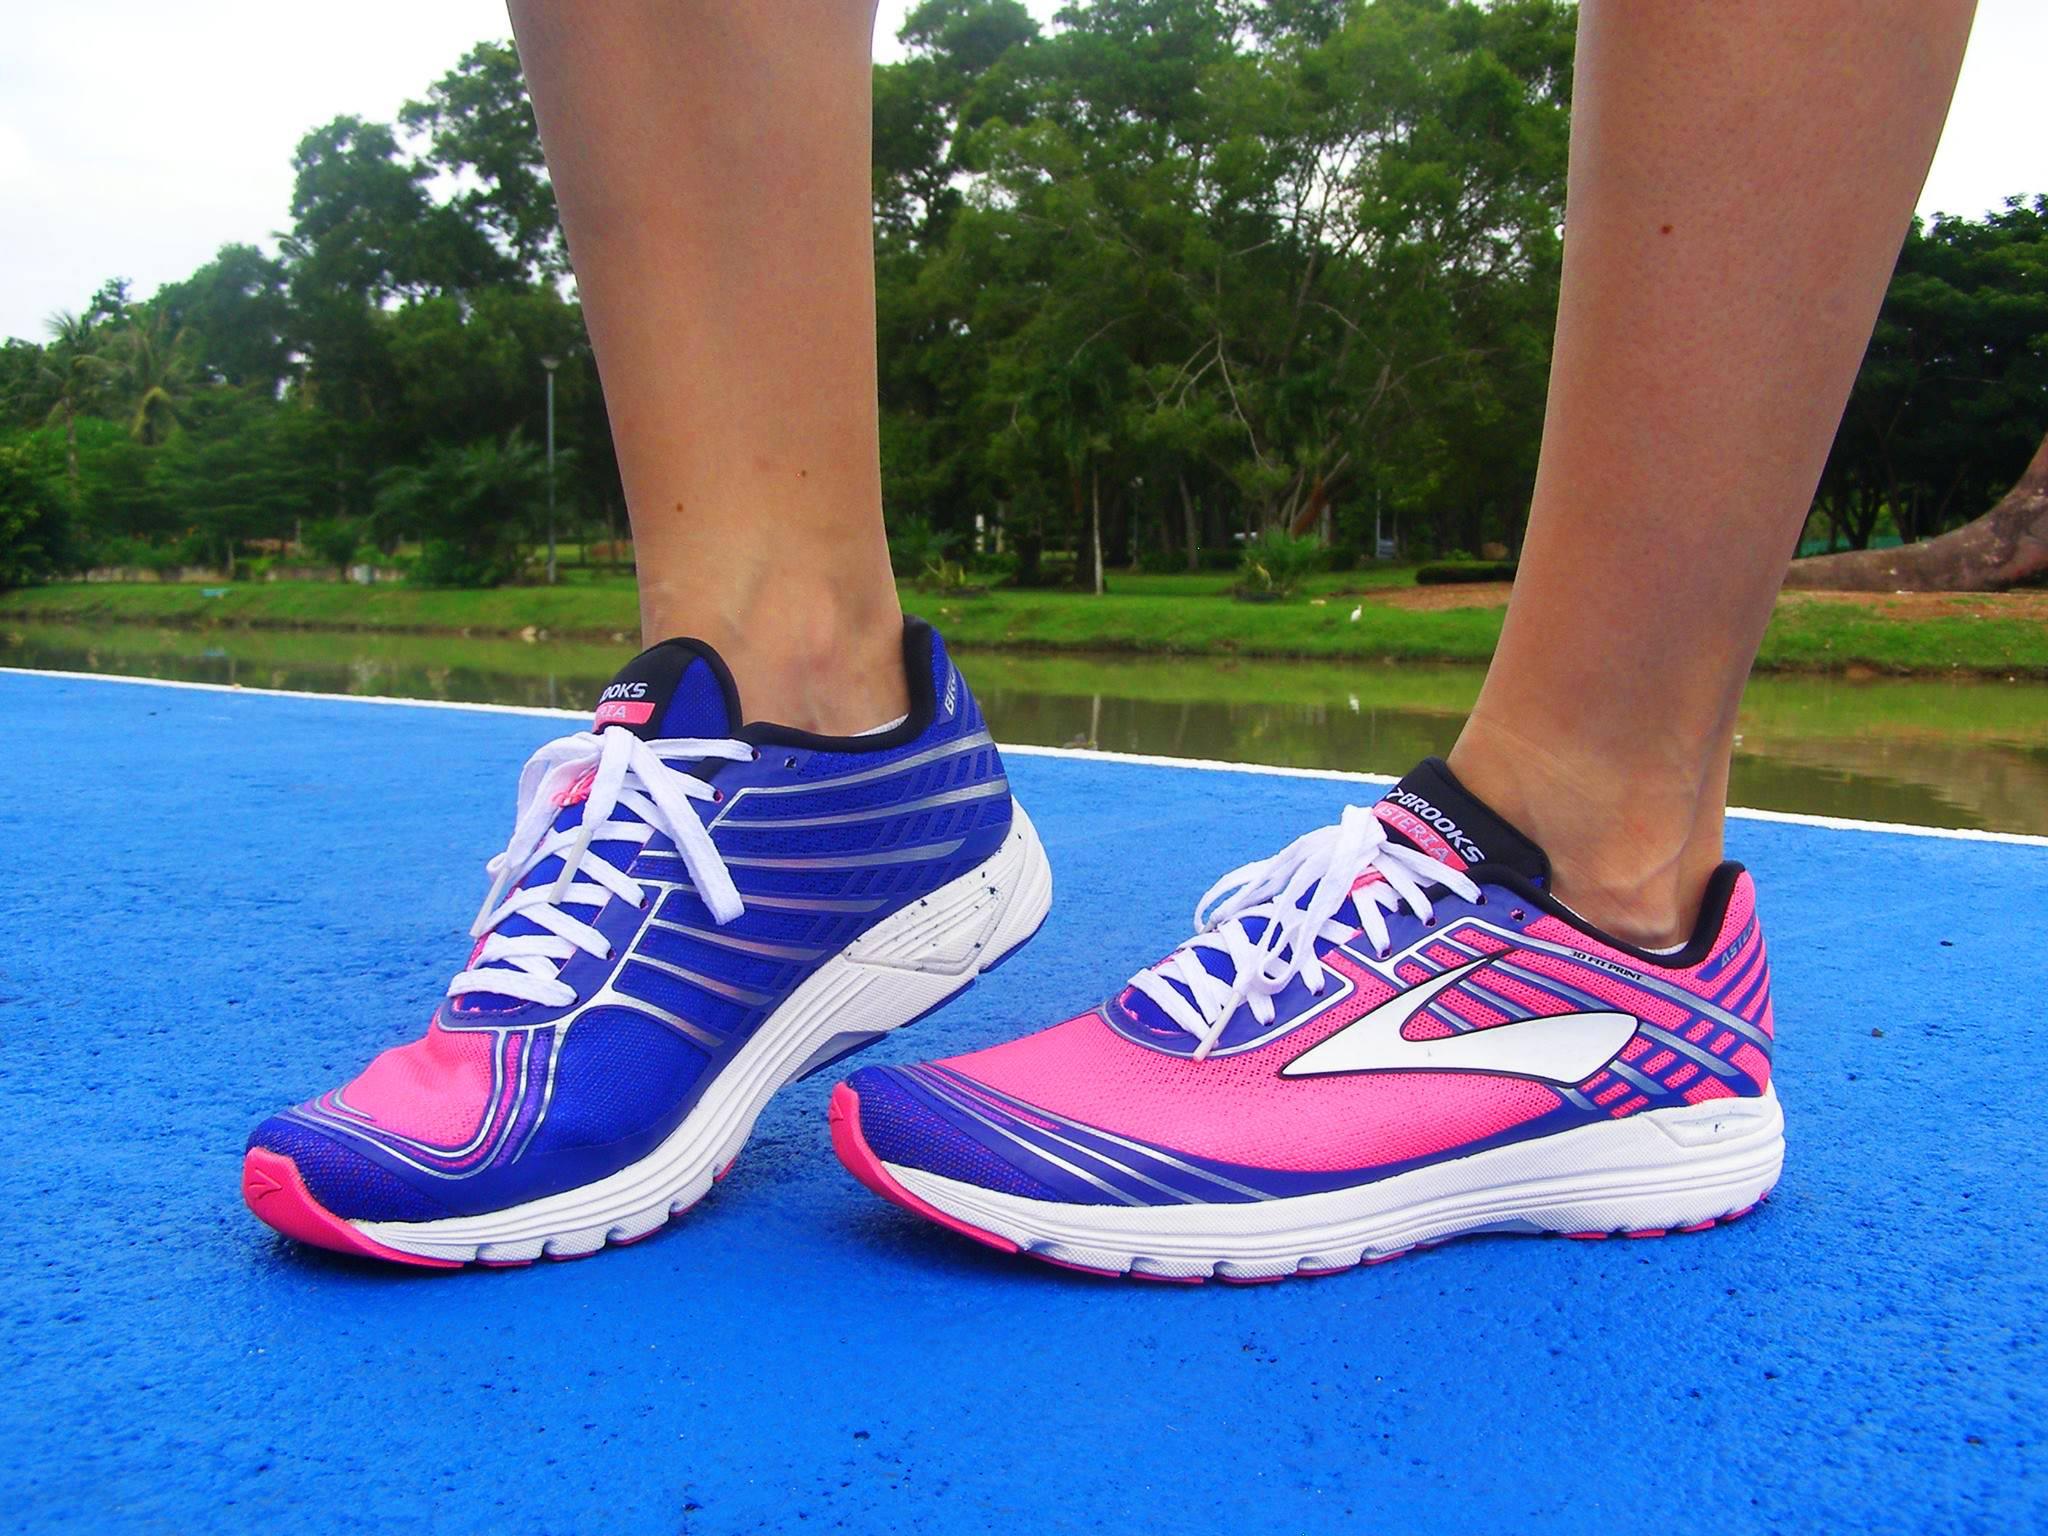 brooks asteria szybkie buty do biegania test opinia